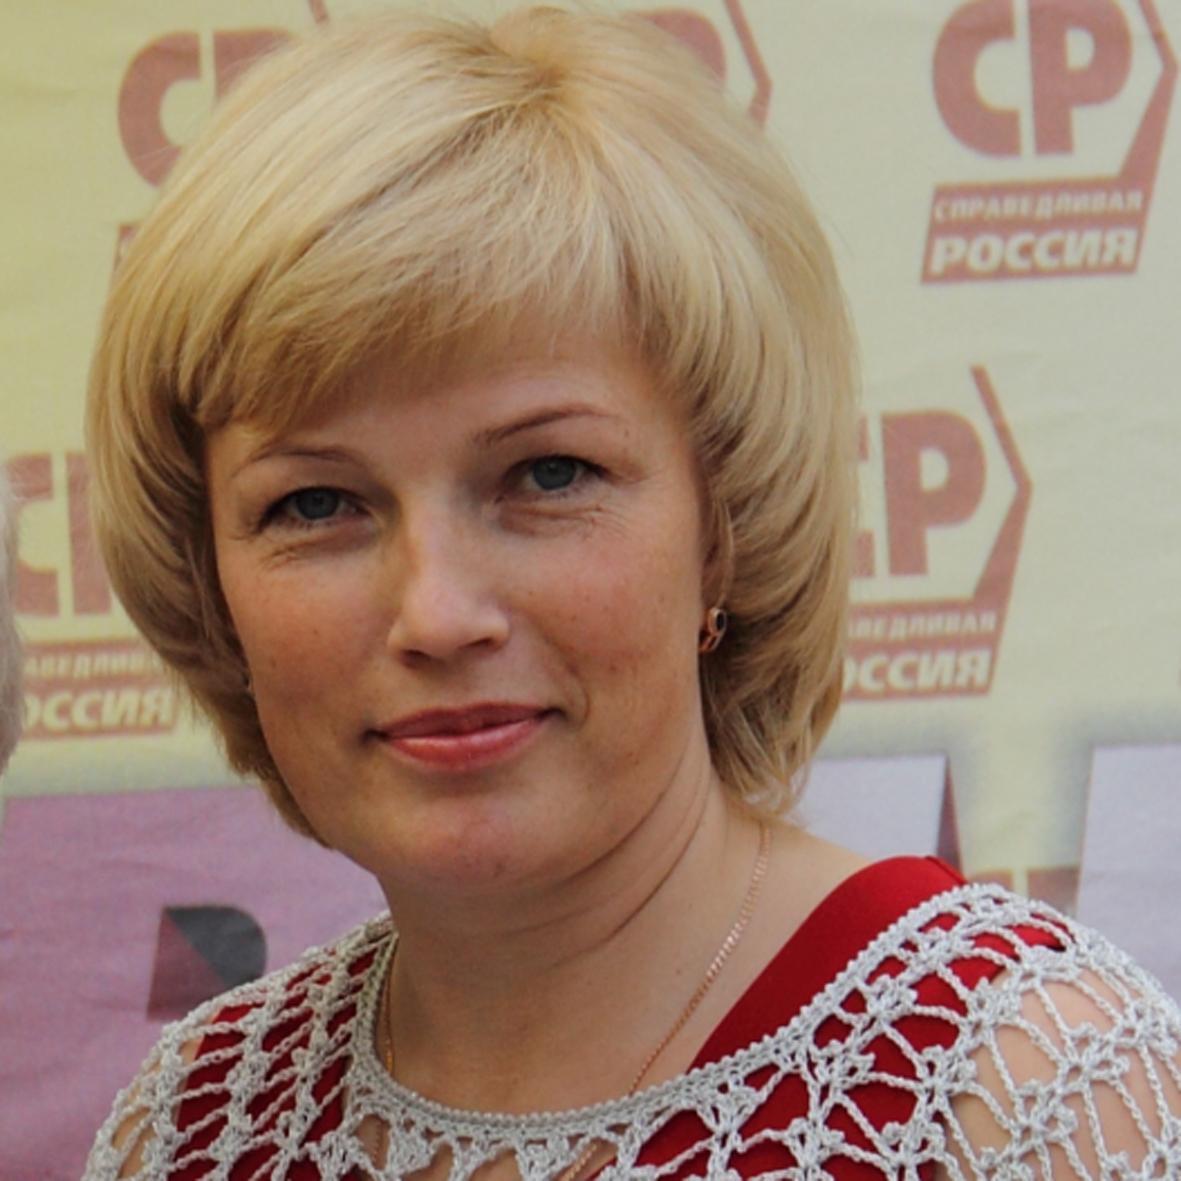 Информацию о том, что Общественная палата Златоуста перестала существовать, агентству «Урал-пресс